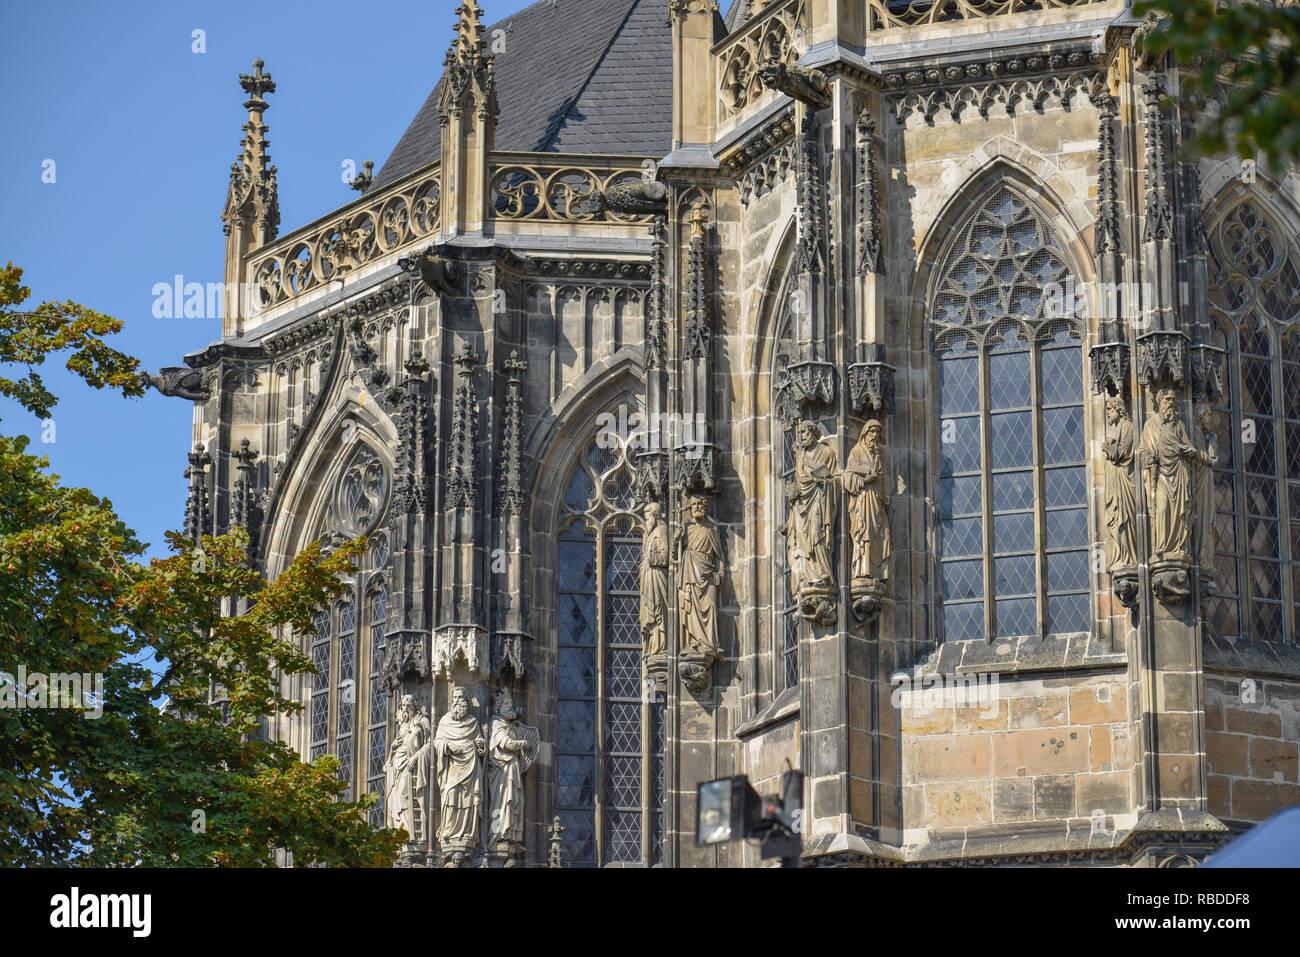 Outside sculptures, cathedral, Aachen, North Rhine-Westphalia, Germany, Aussenskulpturen, Dom, Nordrhein-Westfalen, Deutschland Stock Photo